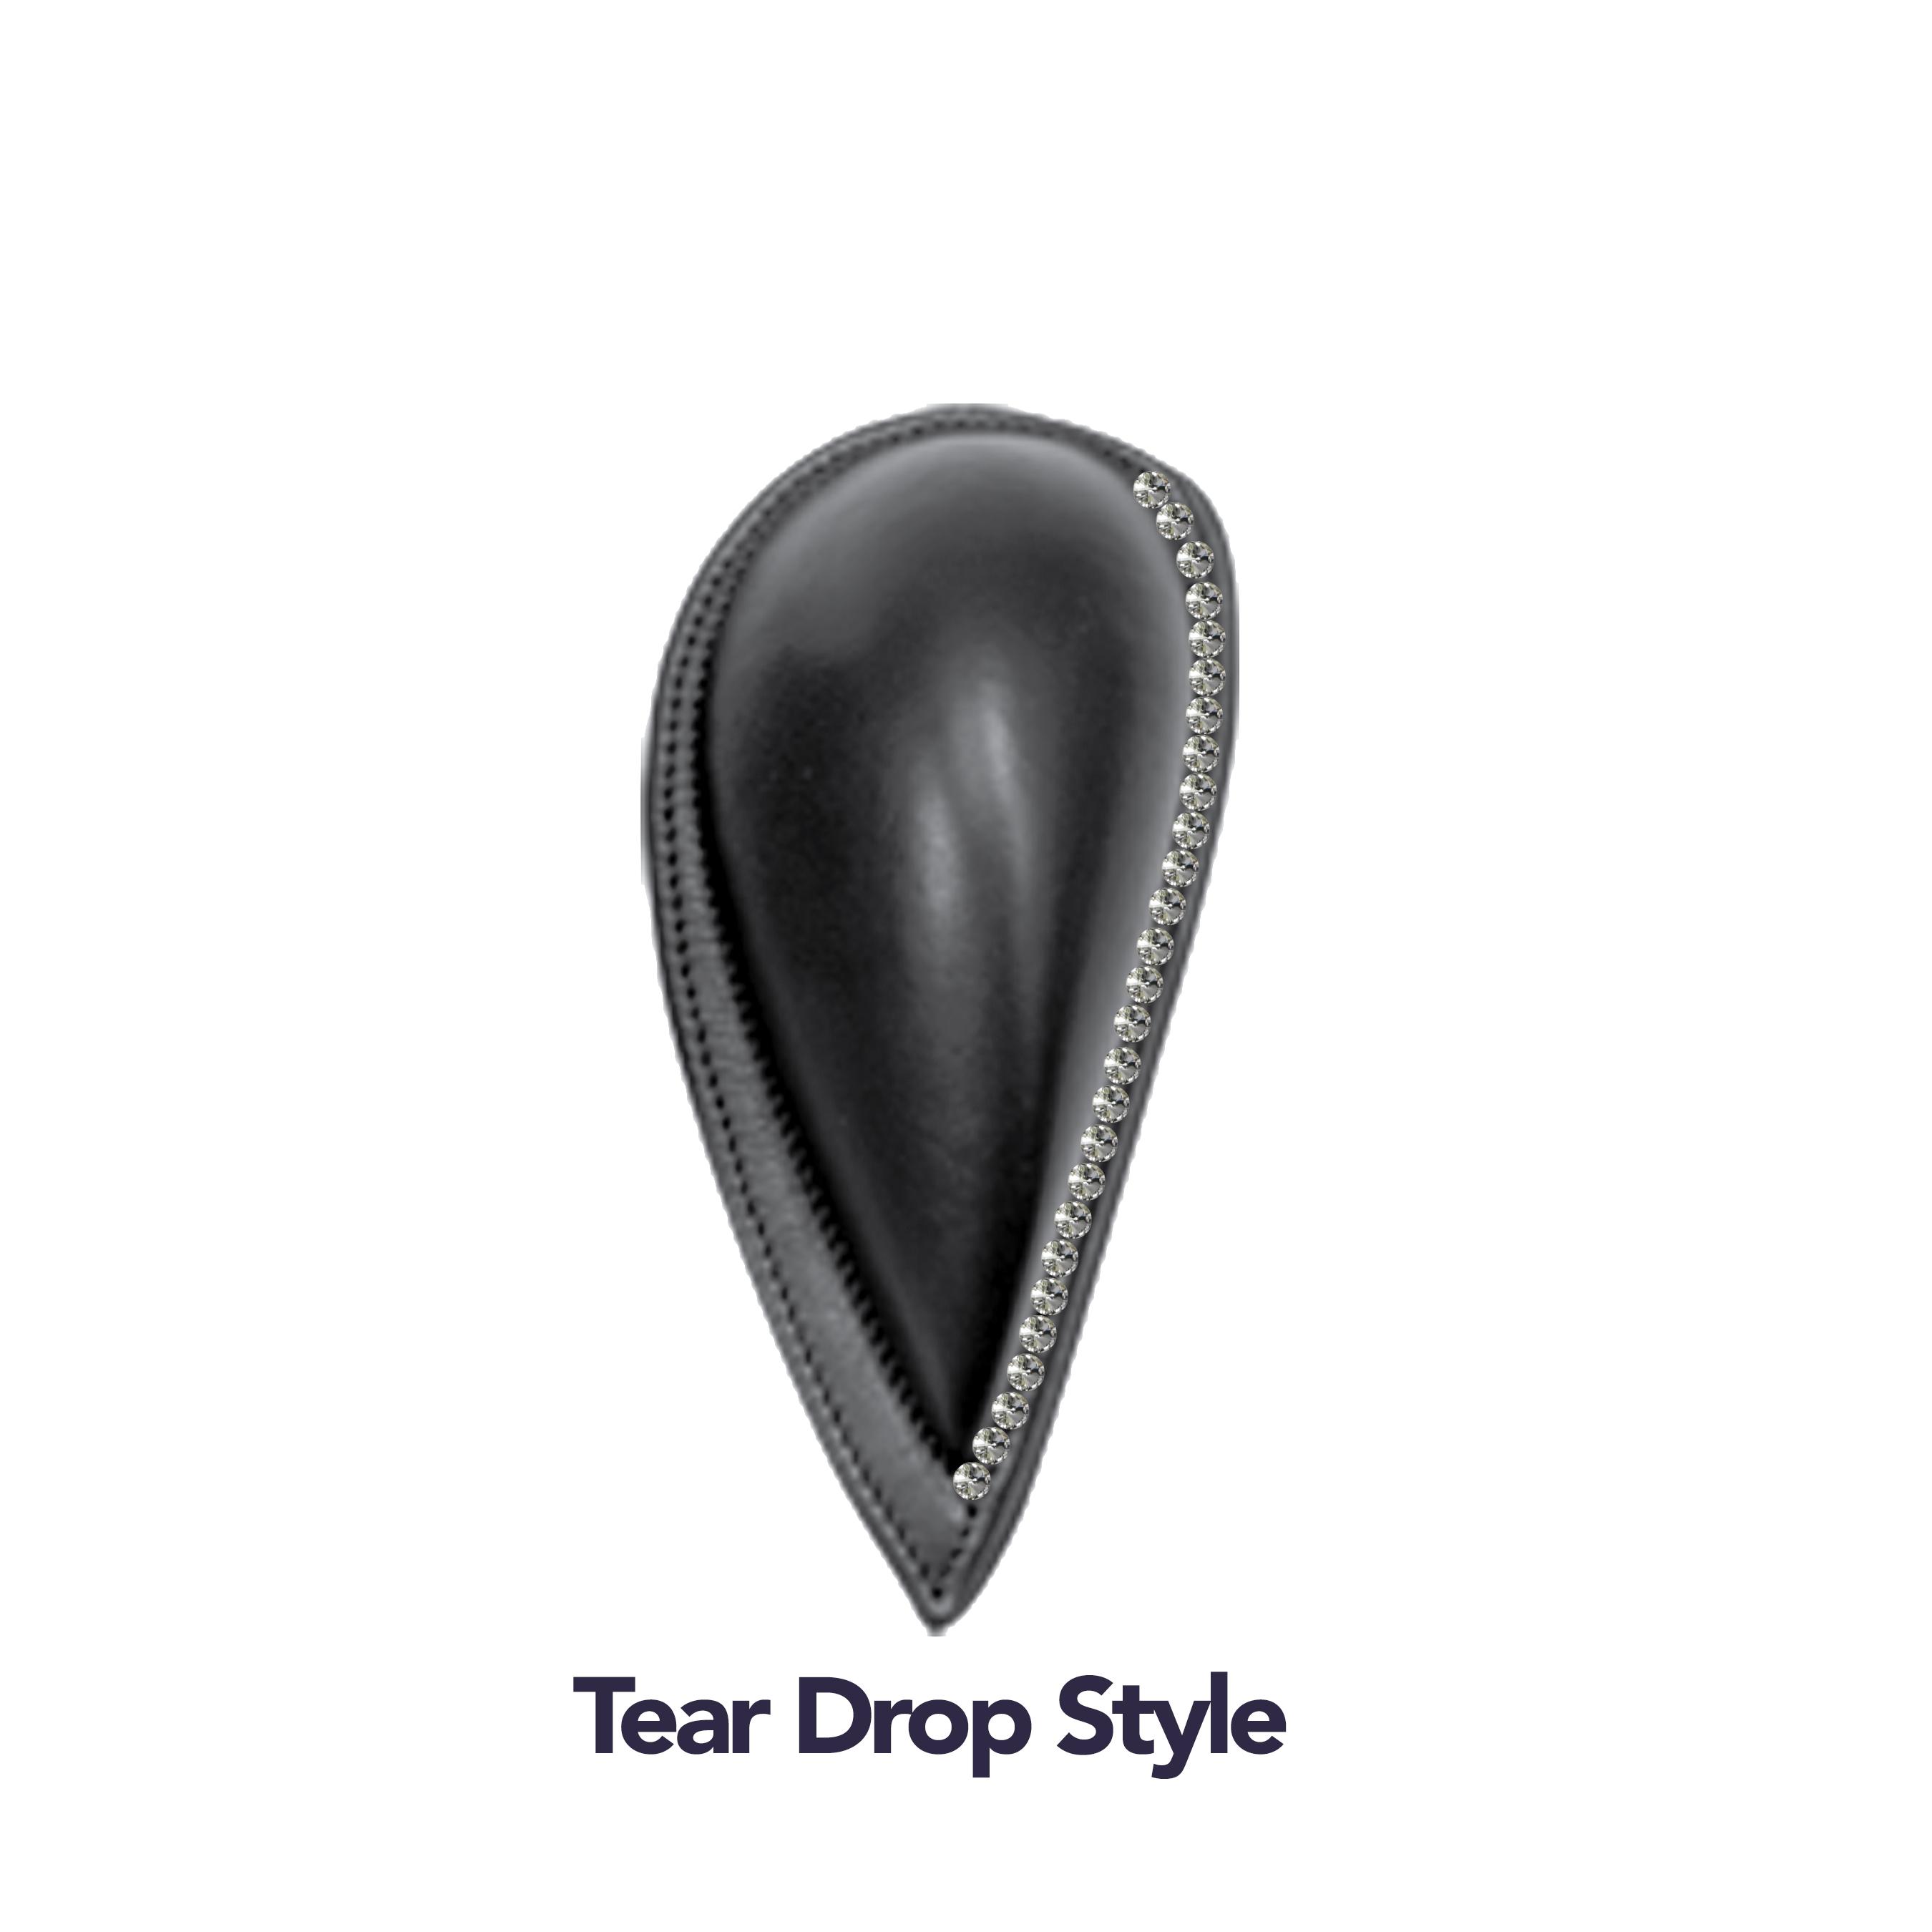 Internal Bling Tear Drop Thighroll